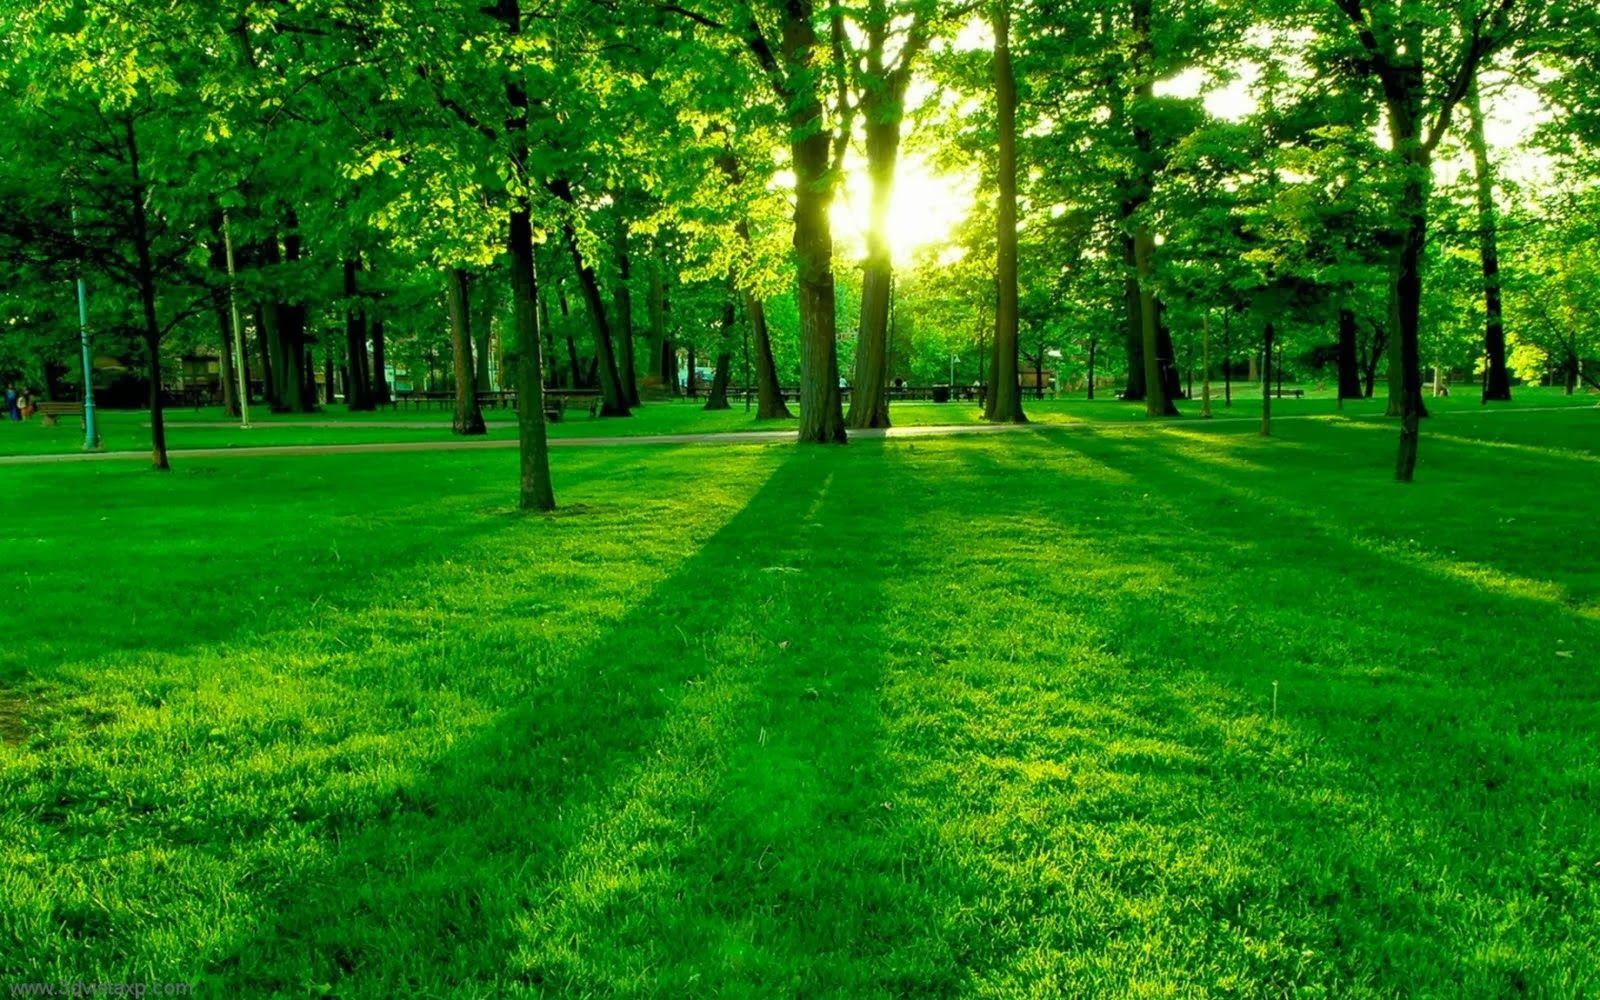 Wallpaper Hd 1080p Nature Green Posted By Samantha Mercado